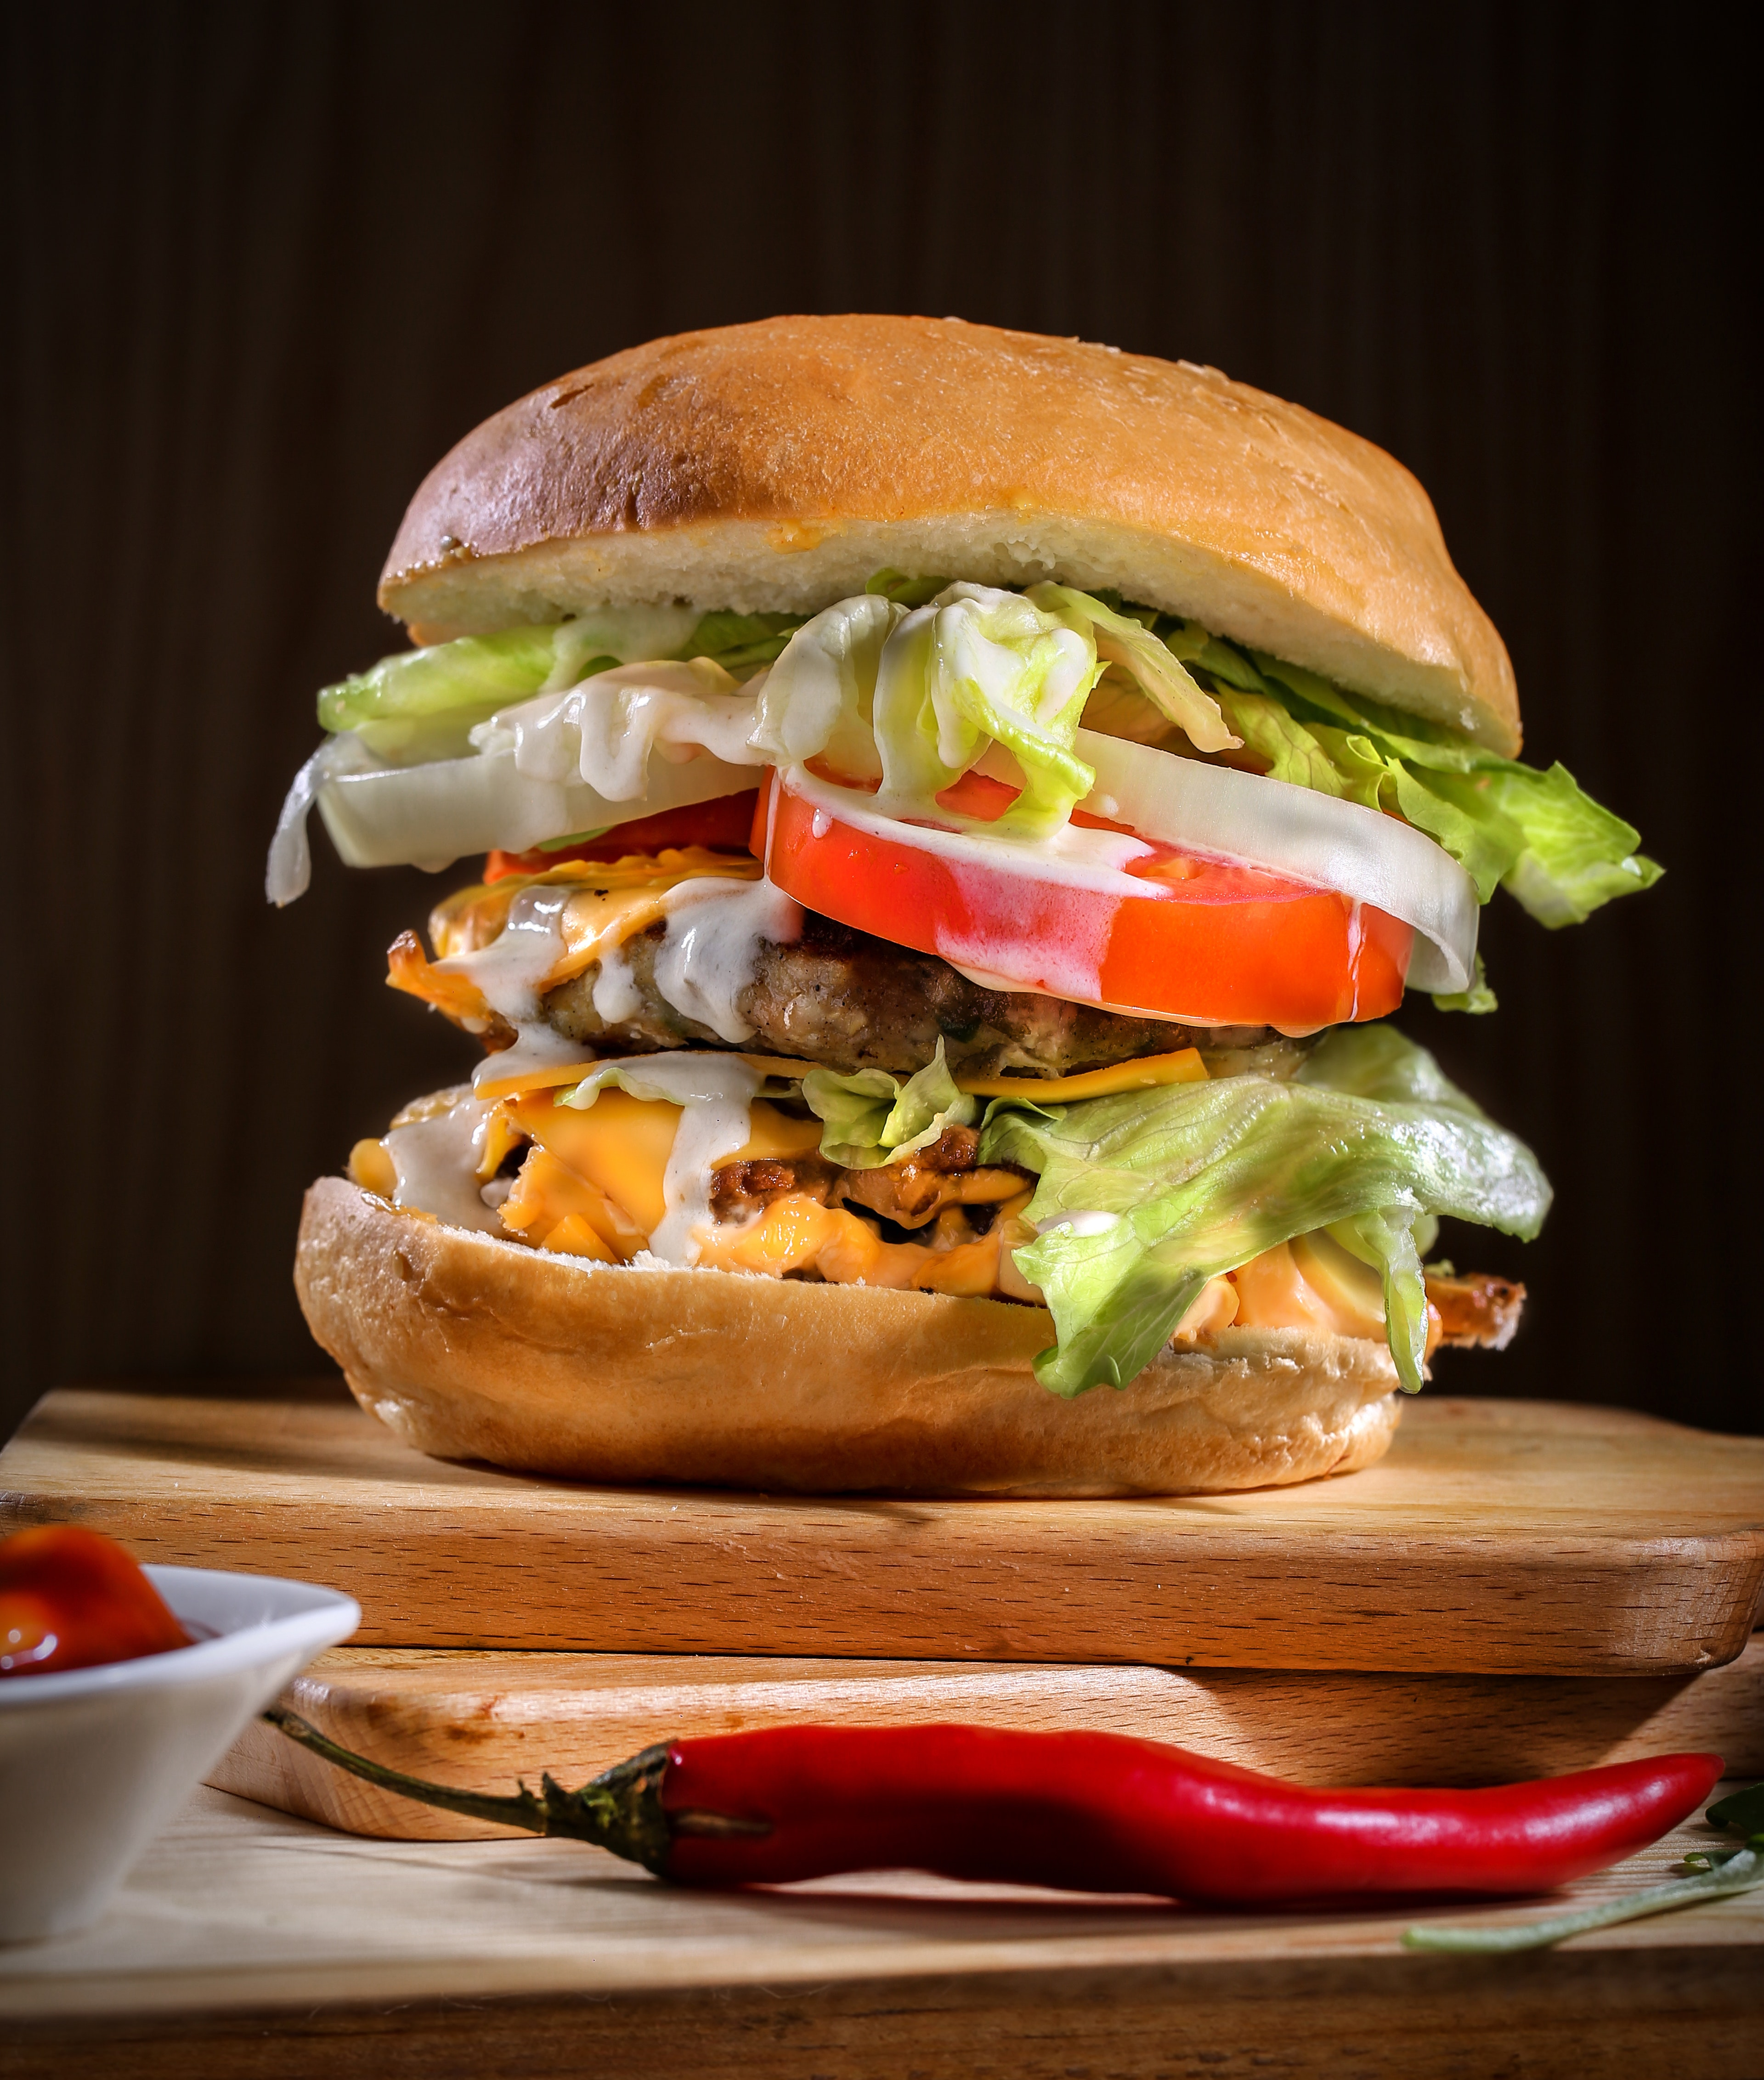 Unhealthy beef burger